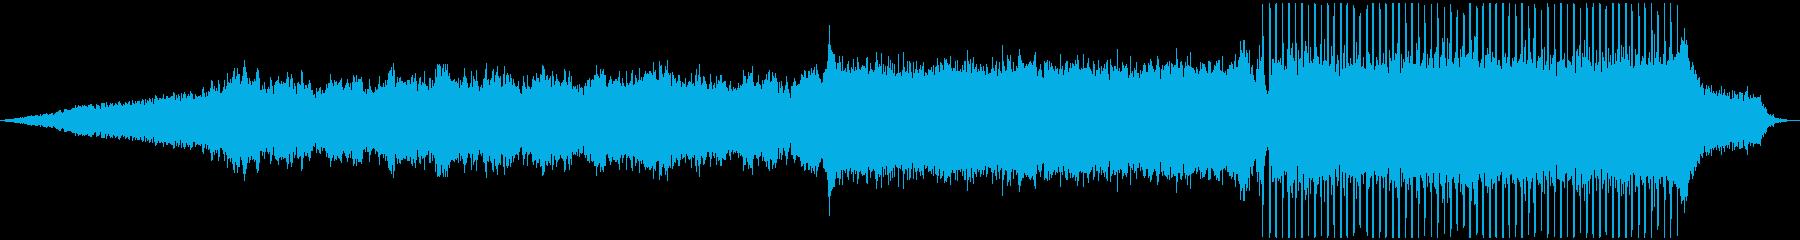 未来の技術 感情的 バラード レト...の再生済みの波形